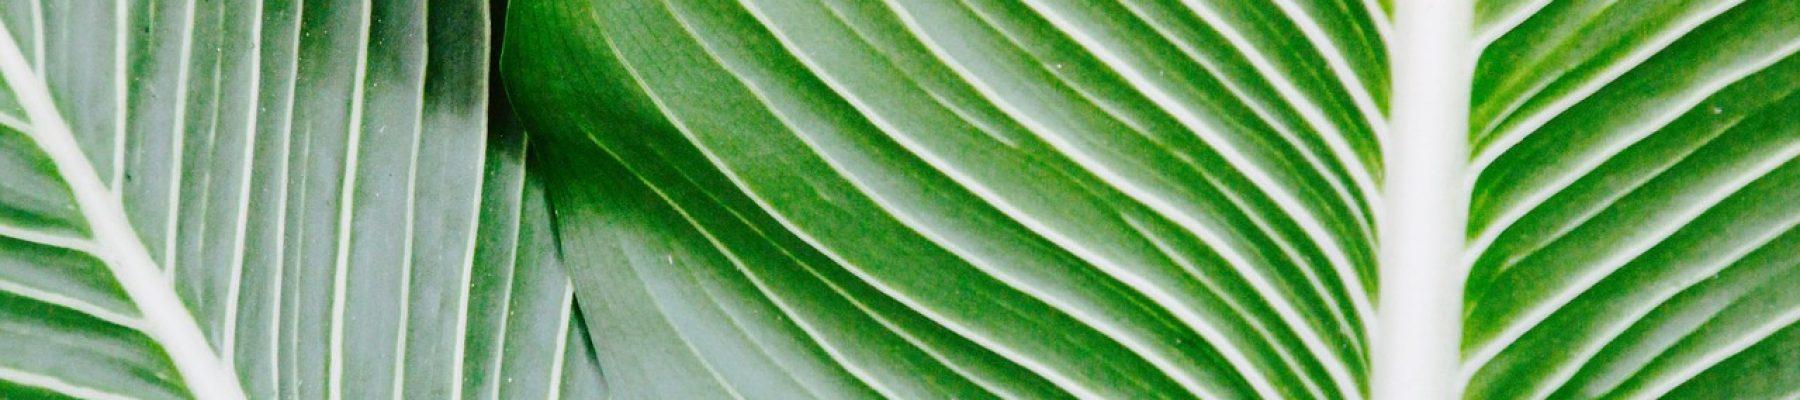 palm-1185677_1920